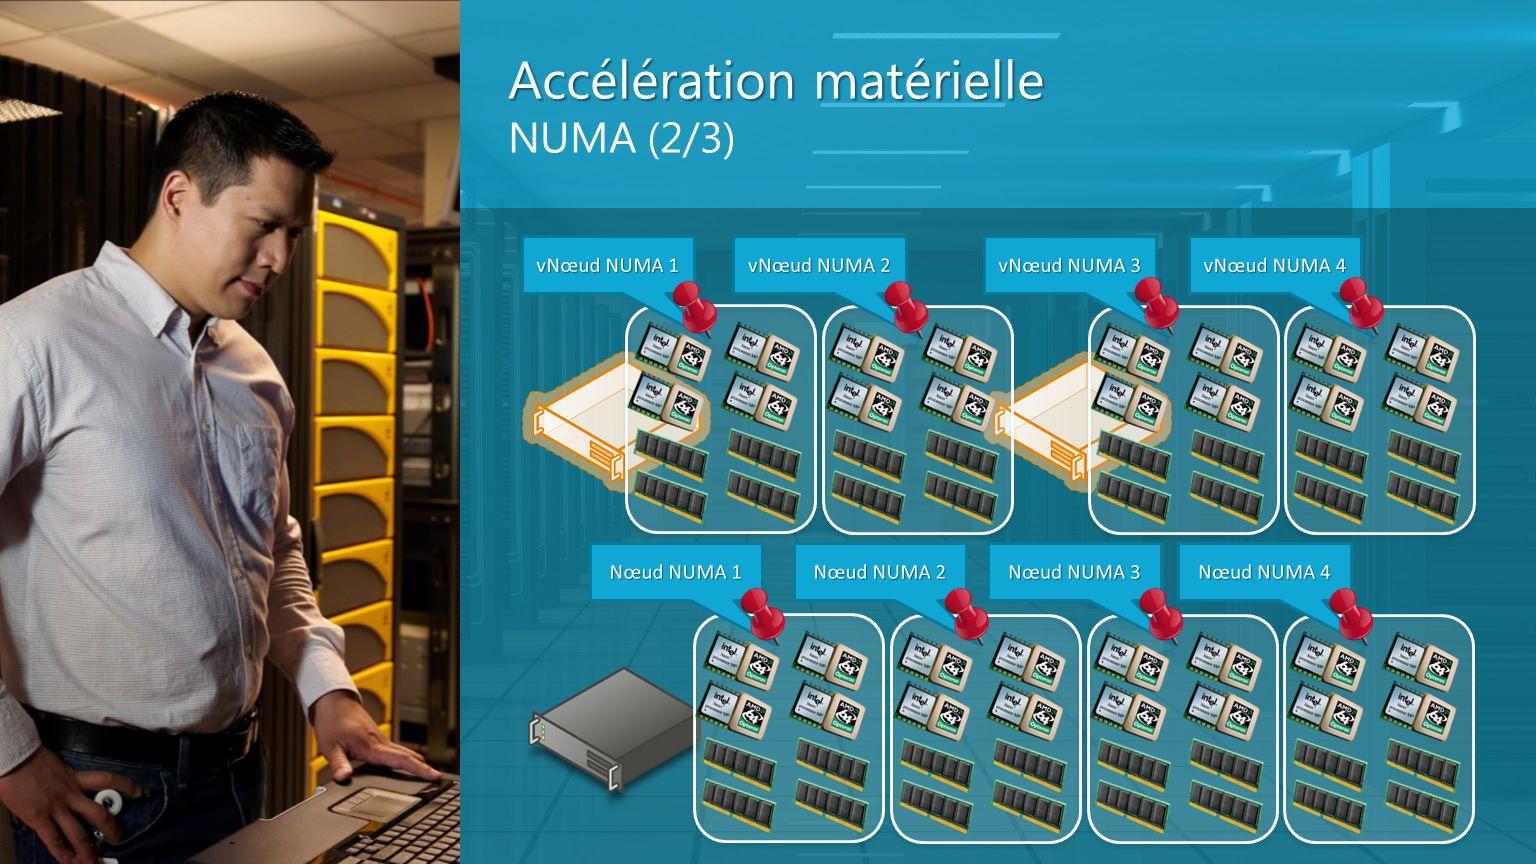 Accélération matérielle Accélération matérielle NUMA (2/3)